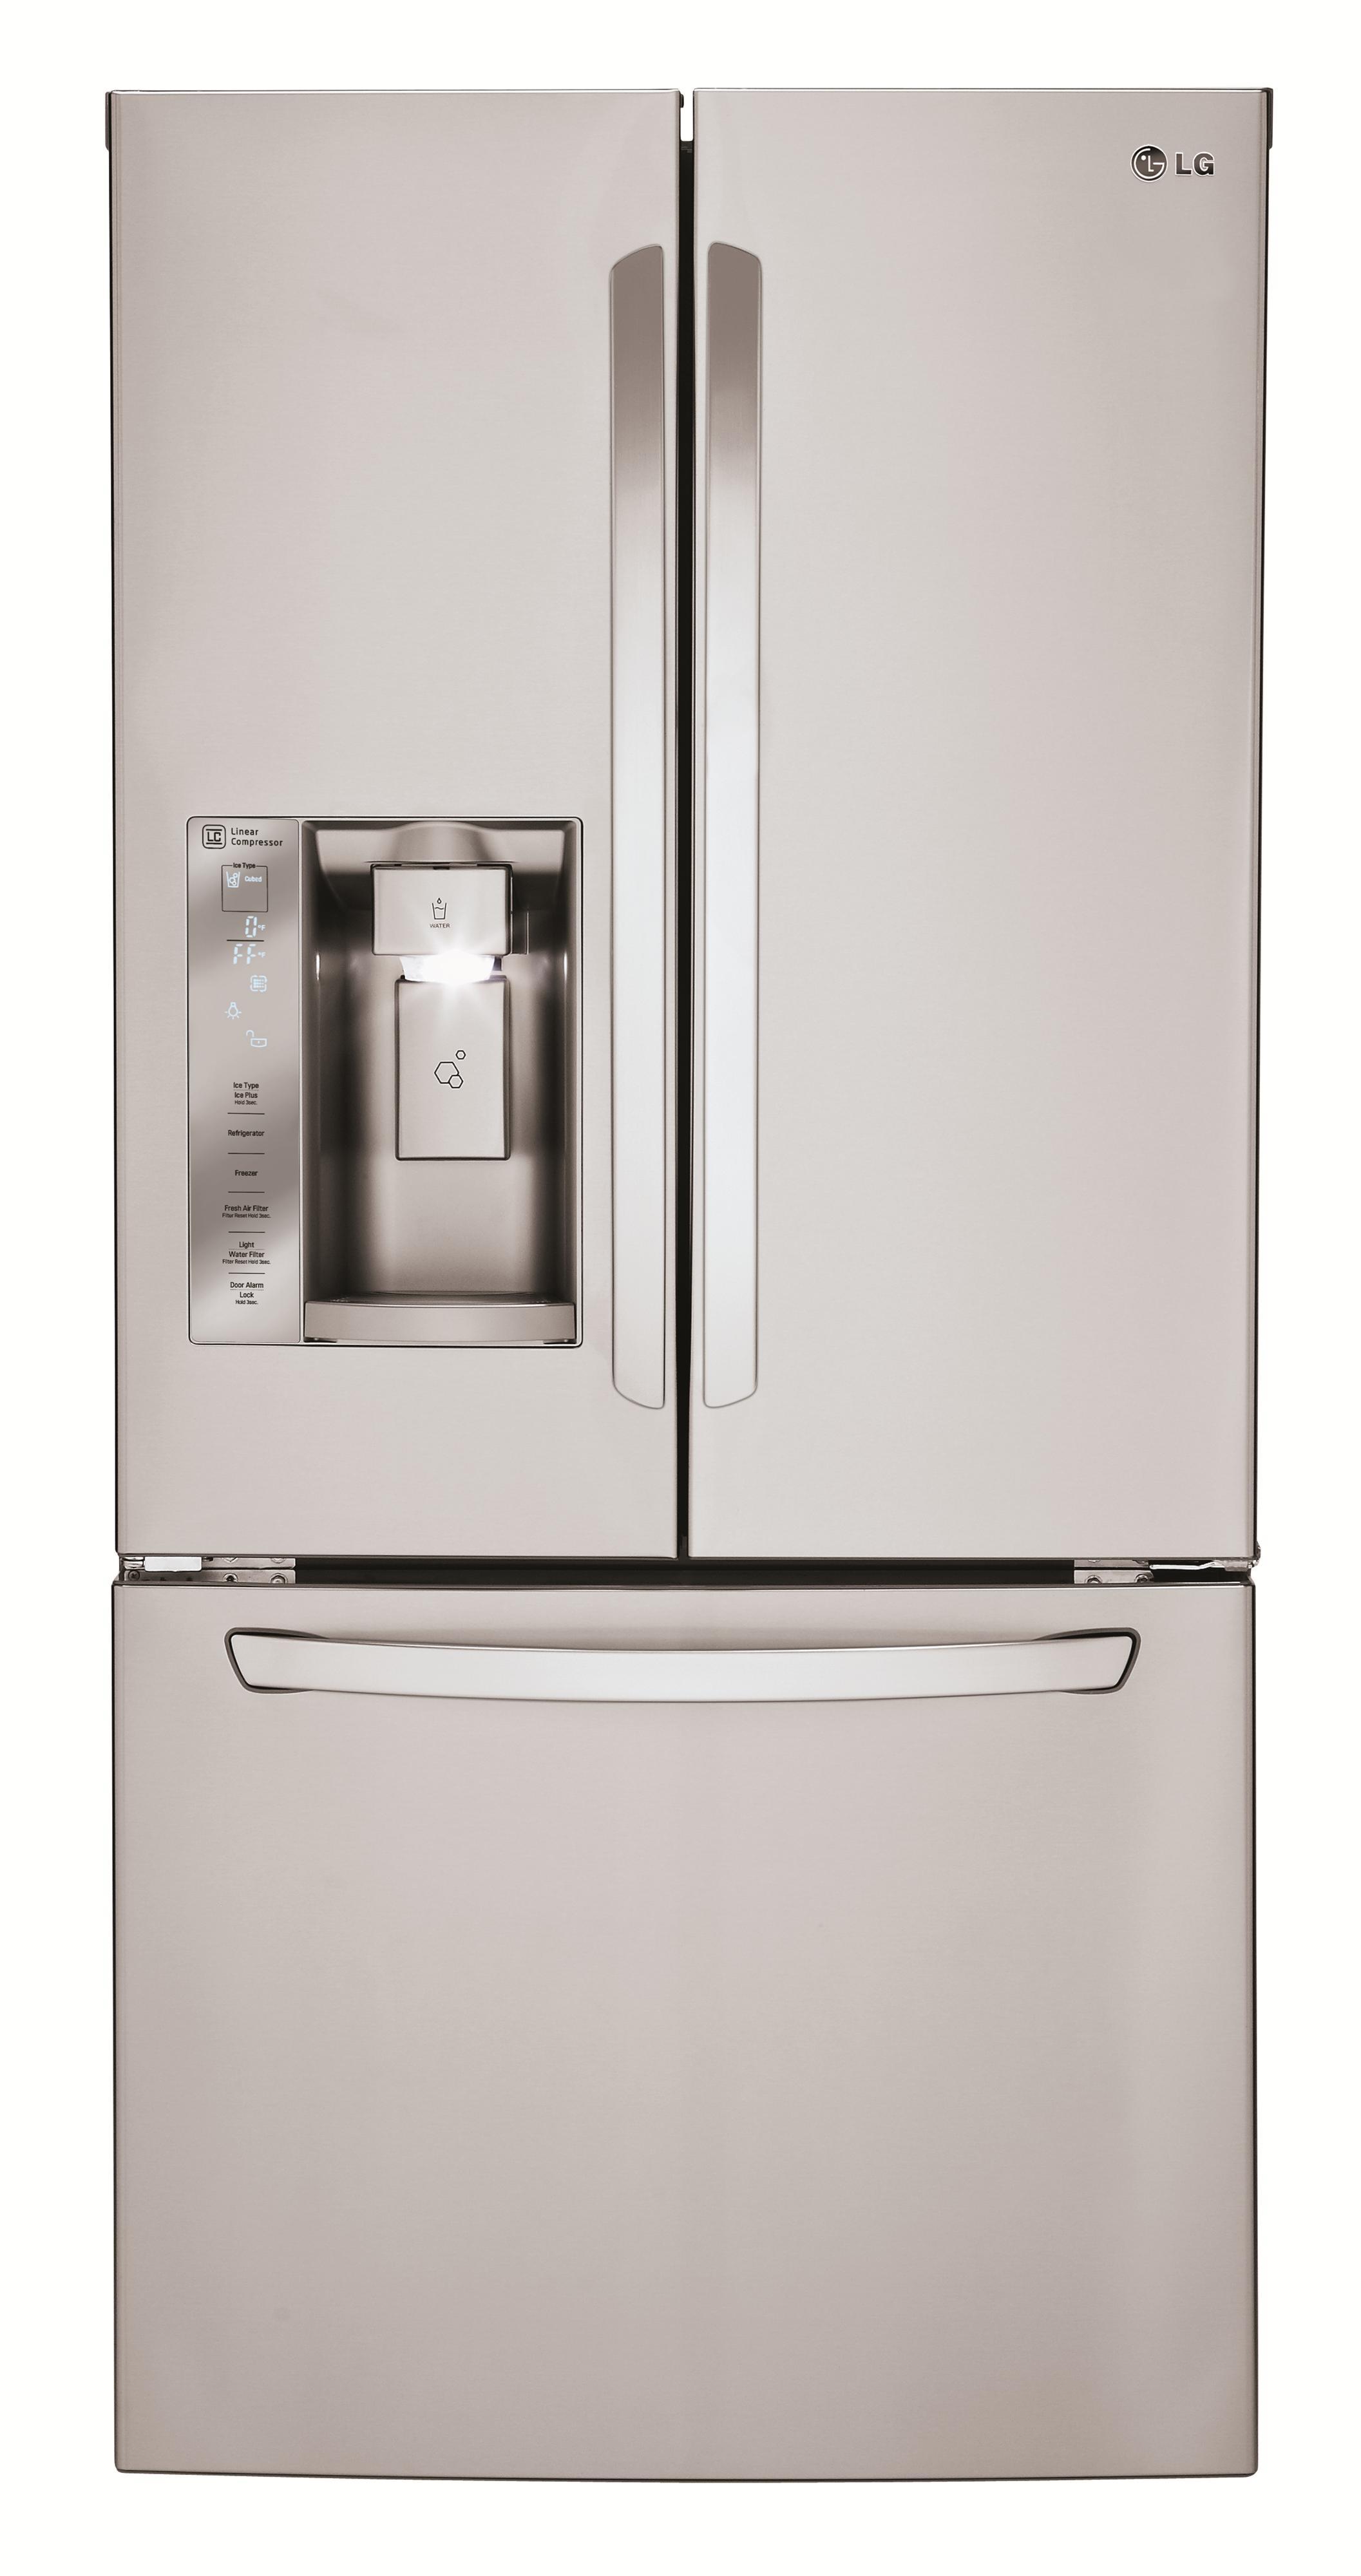 LG Appliances French Door Refrigerators 24.2 Cu. Ft. 3 Door French Door Fridge - Item Number: LFXS24623S